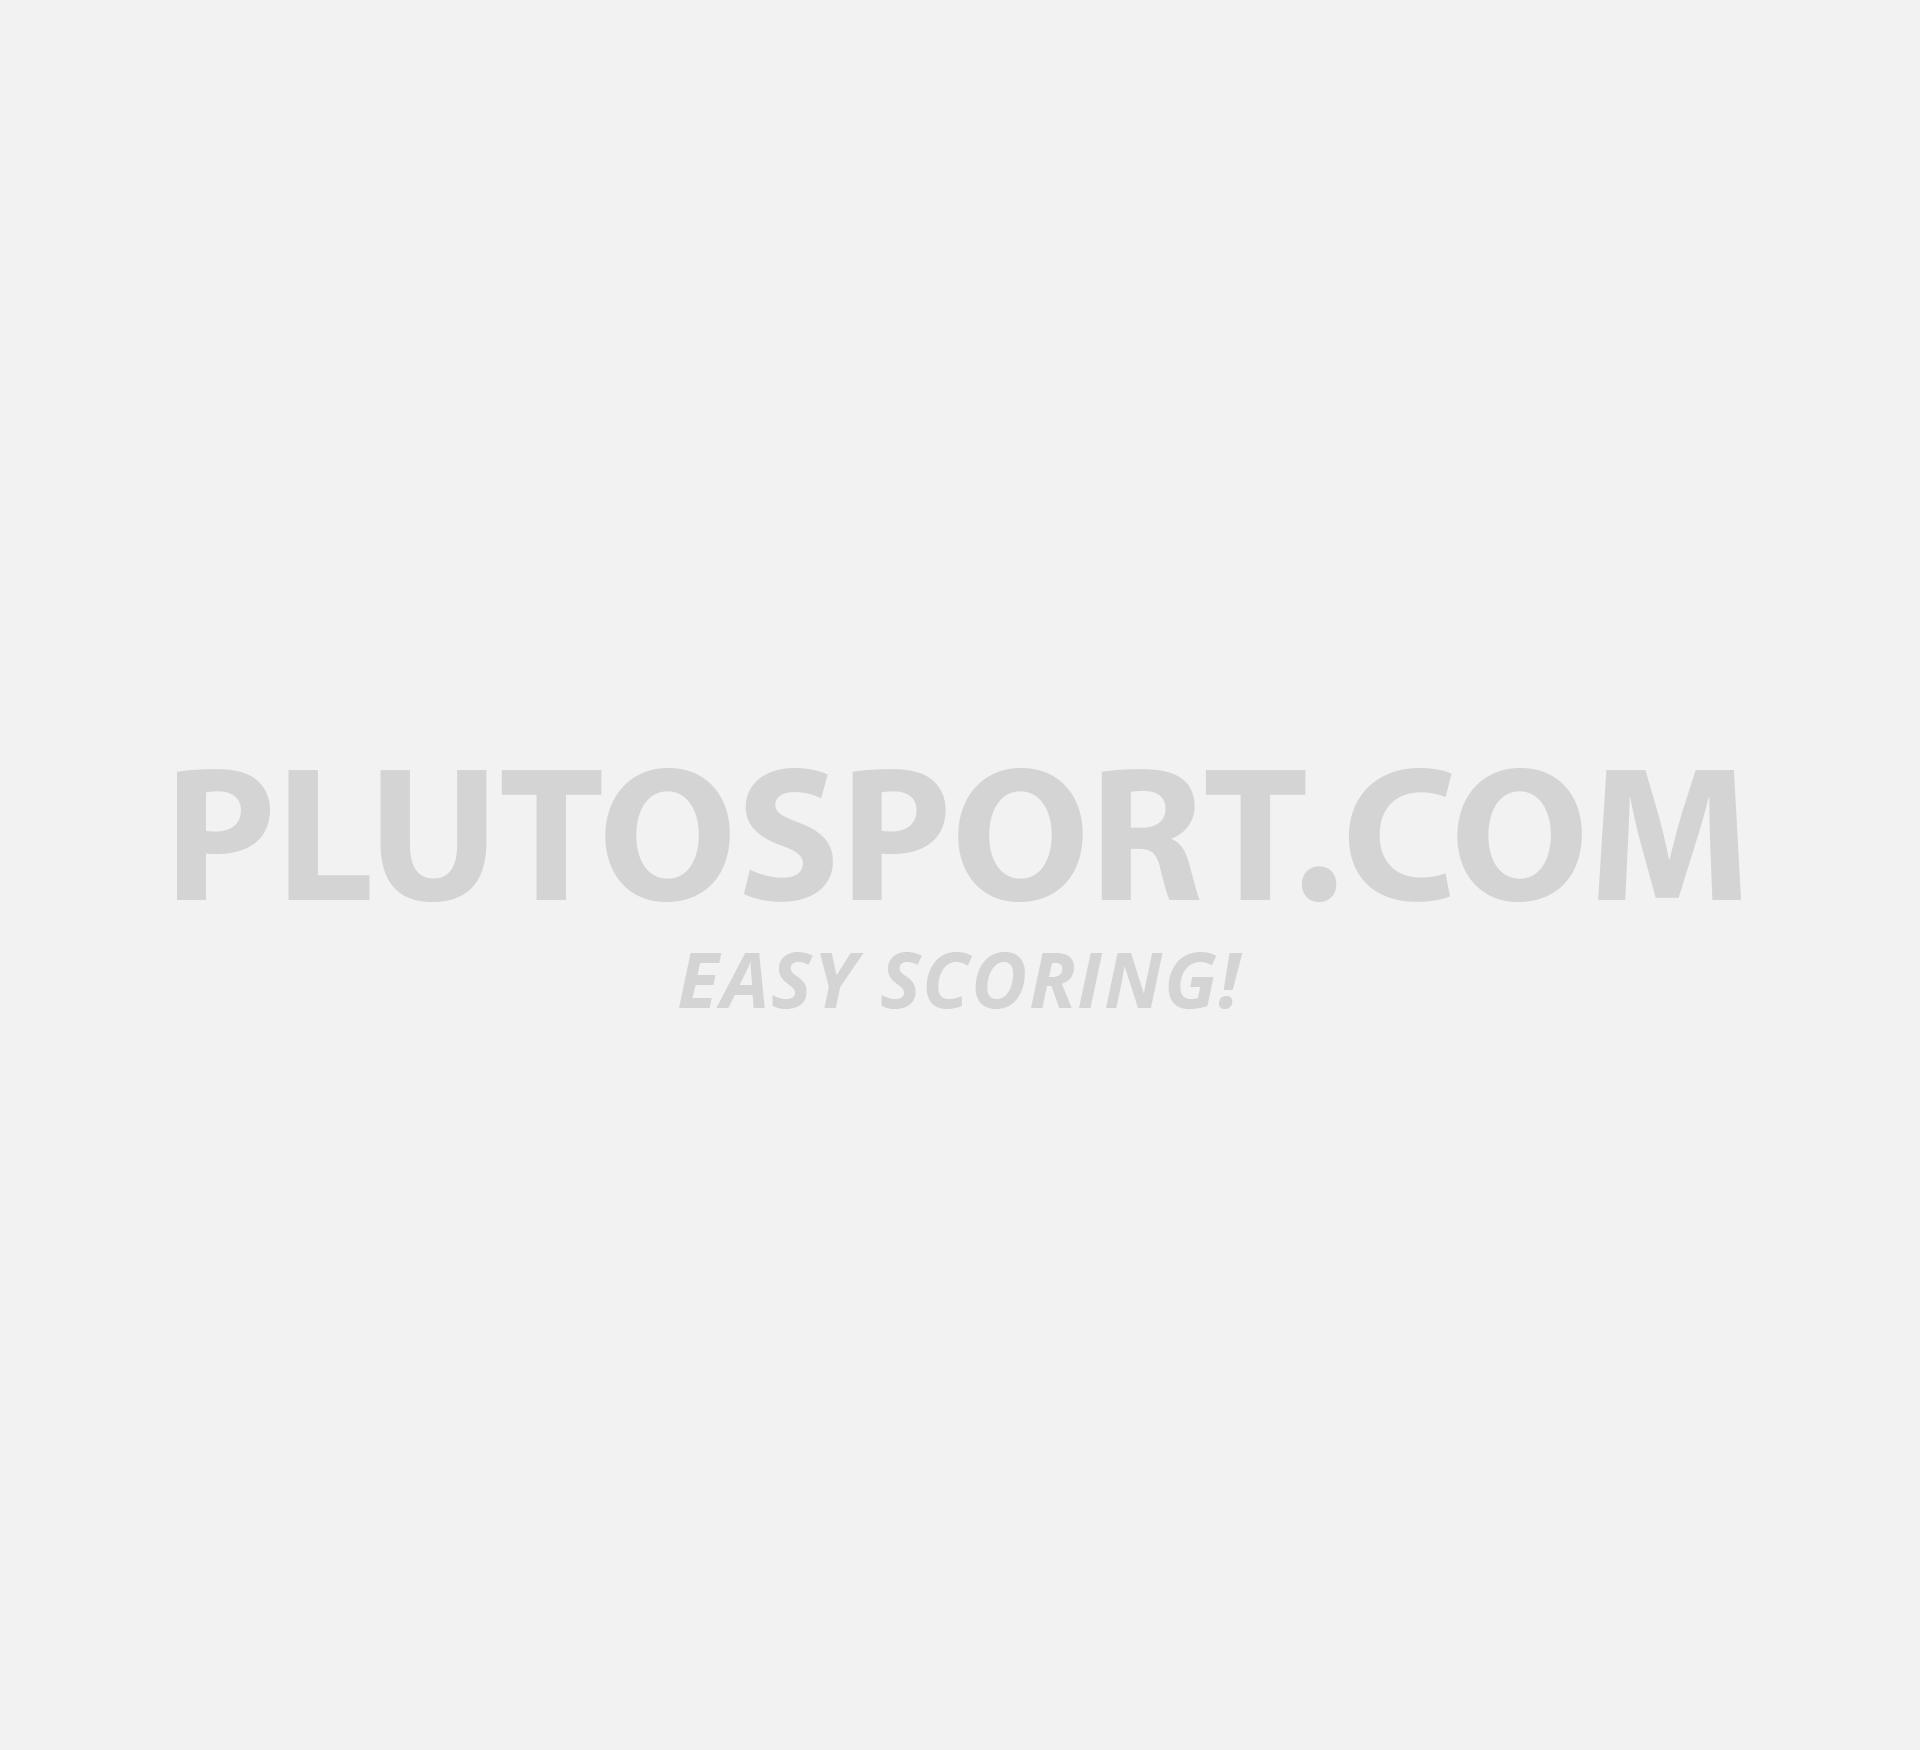 More Views. «» Adidas Adistar Racer Sneakers Men